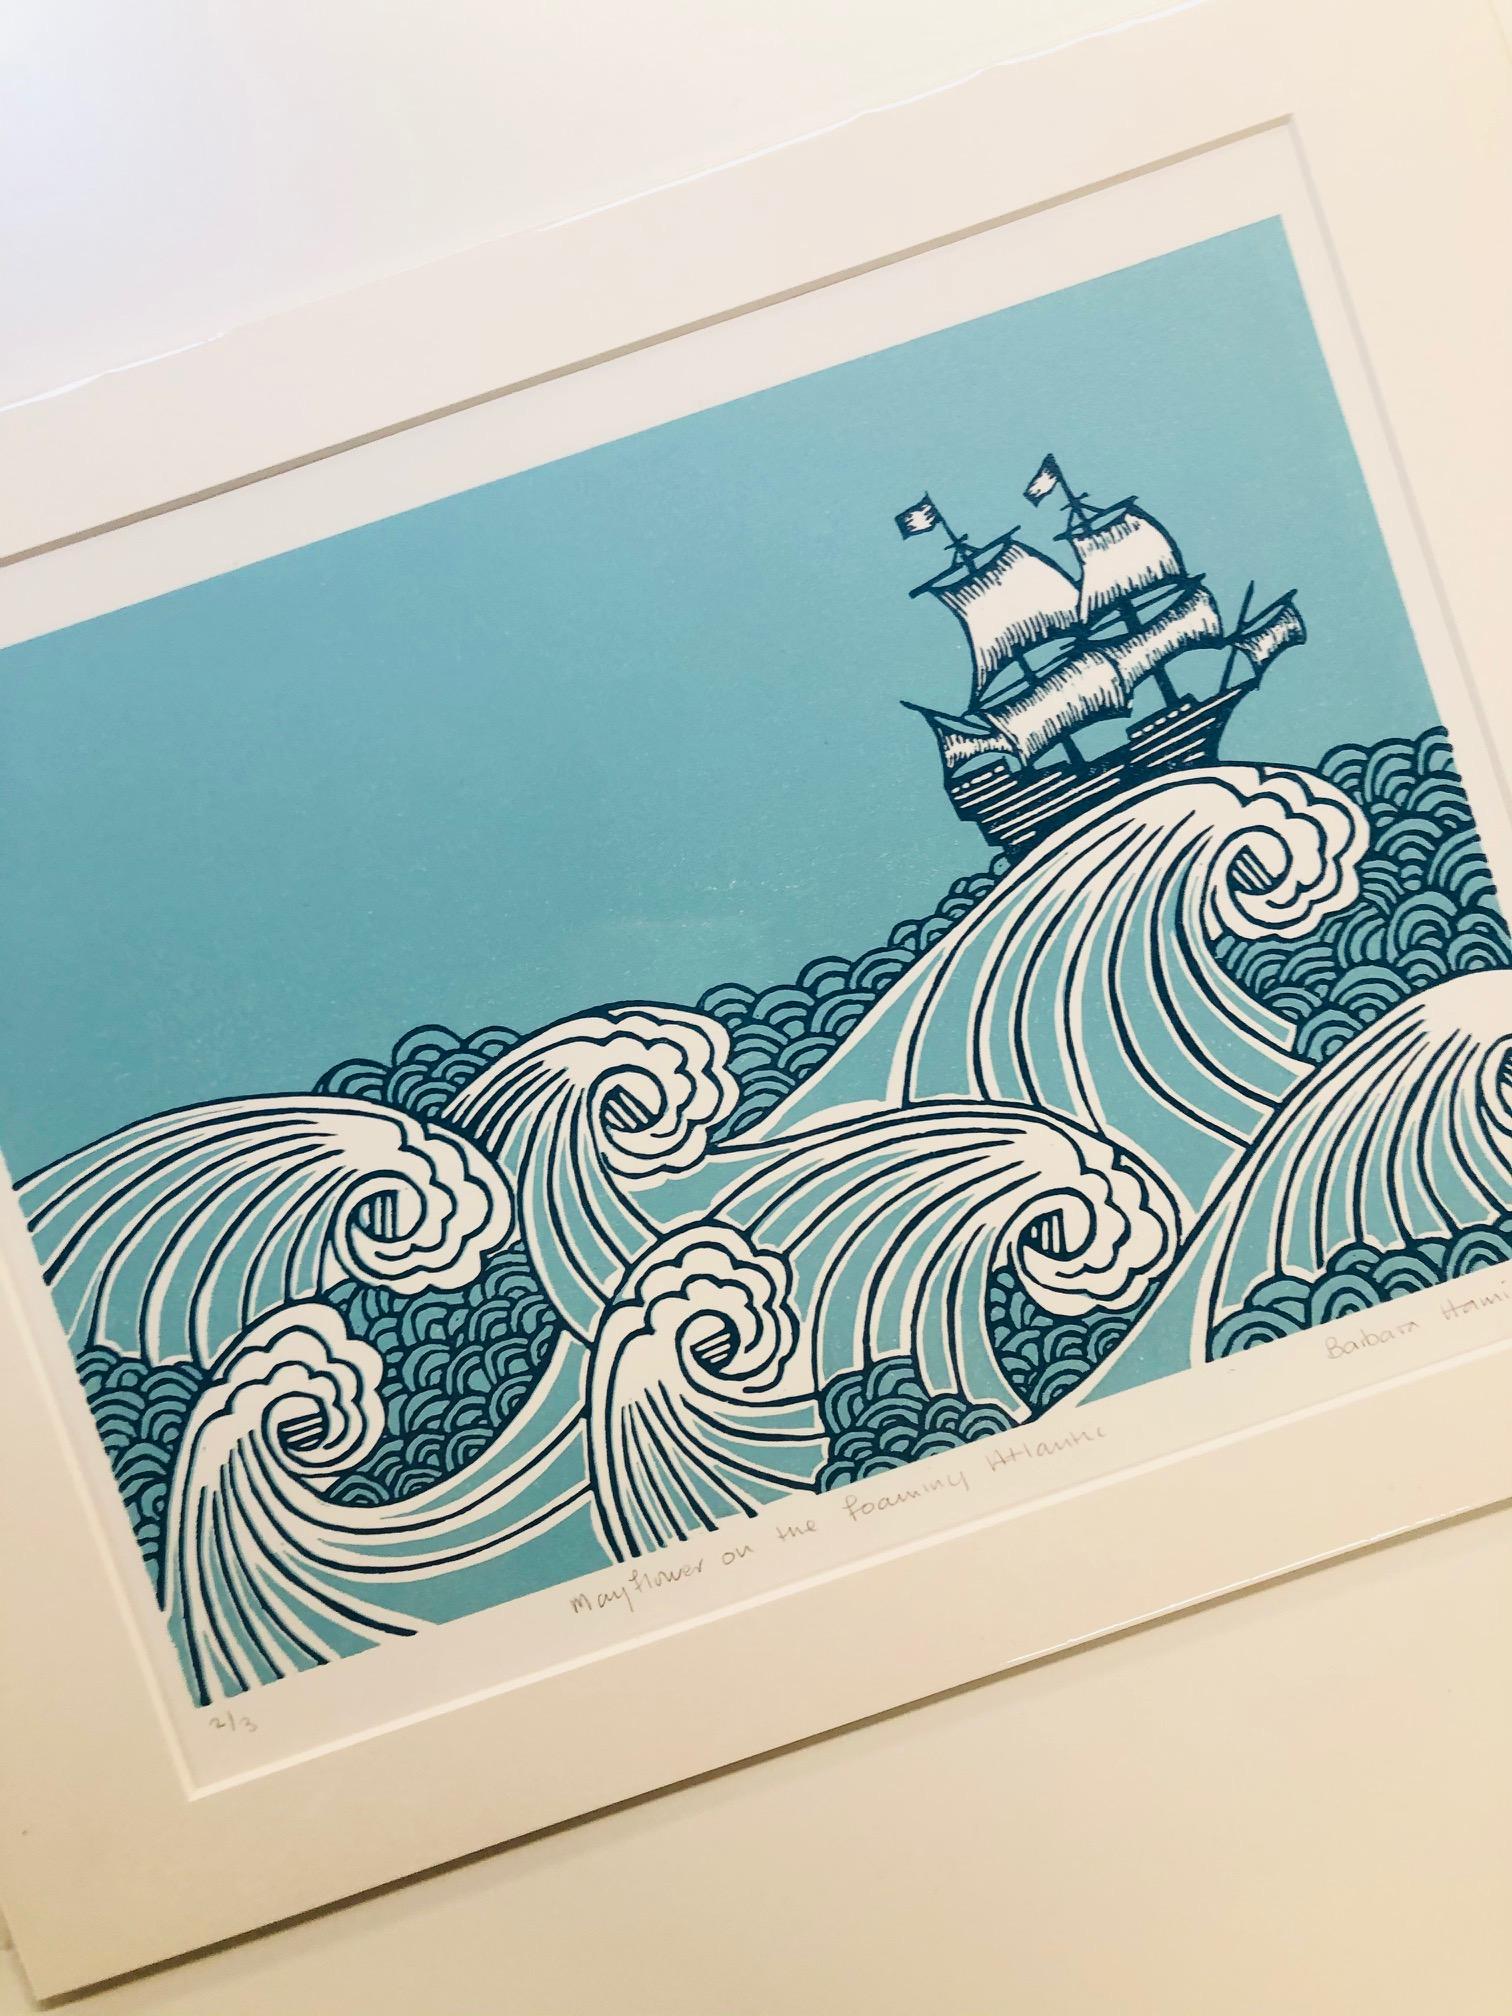 'Mayflower on the Foaming Atlantic' by Barbara Hamilton